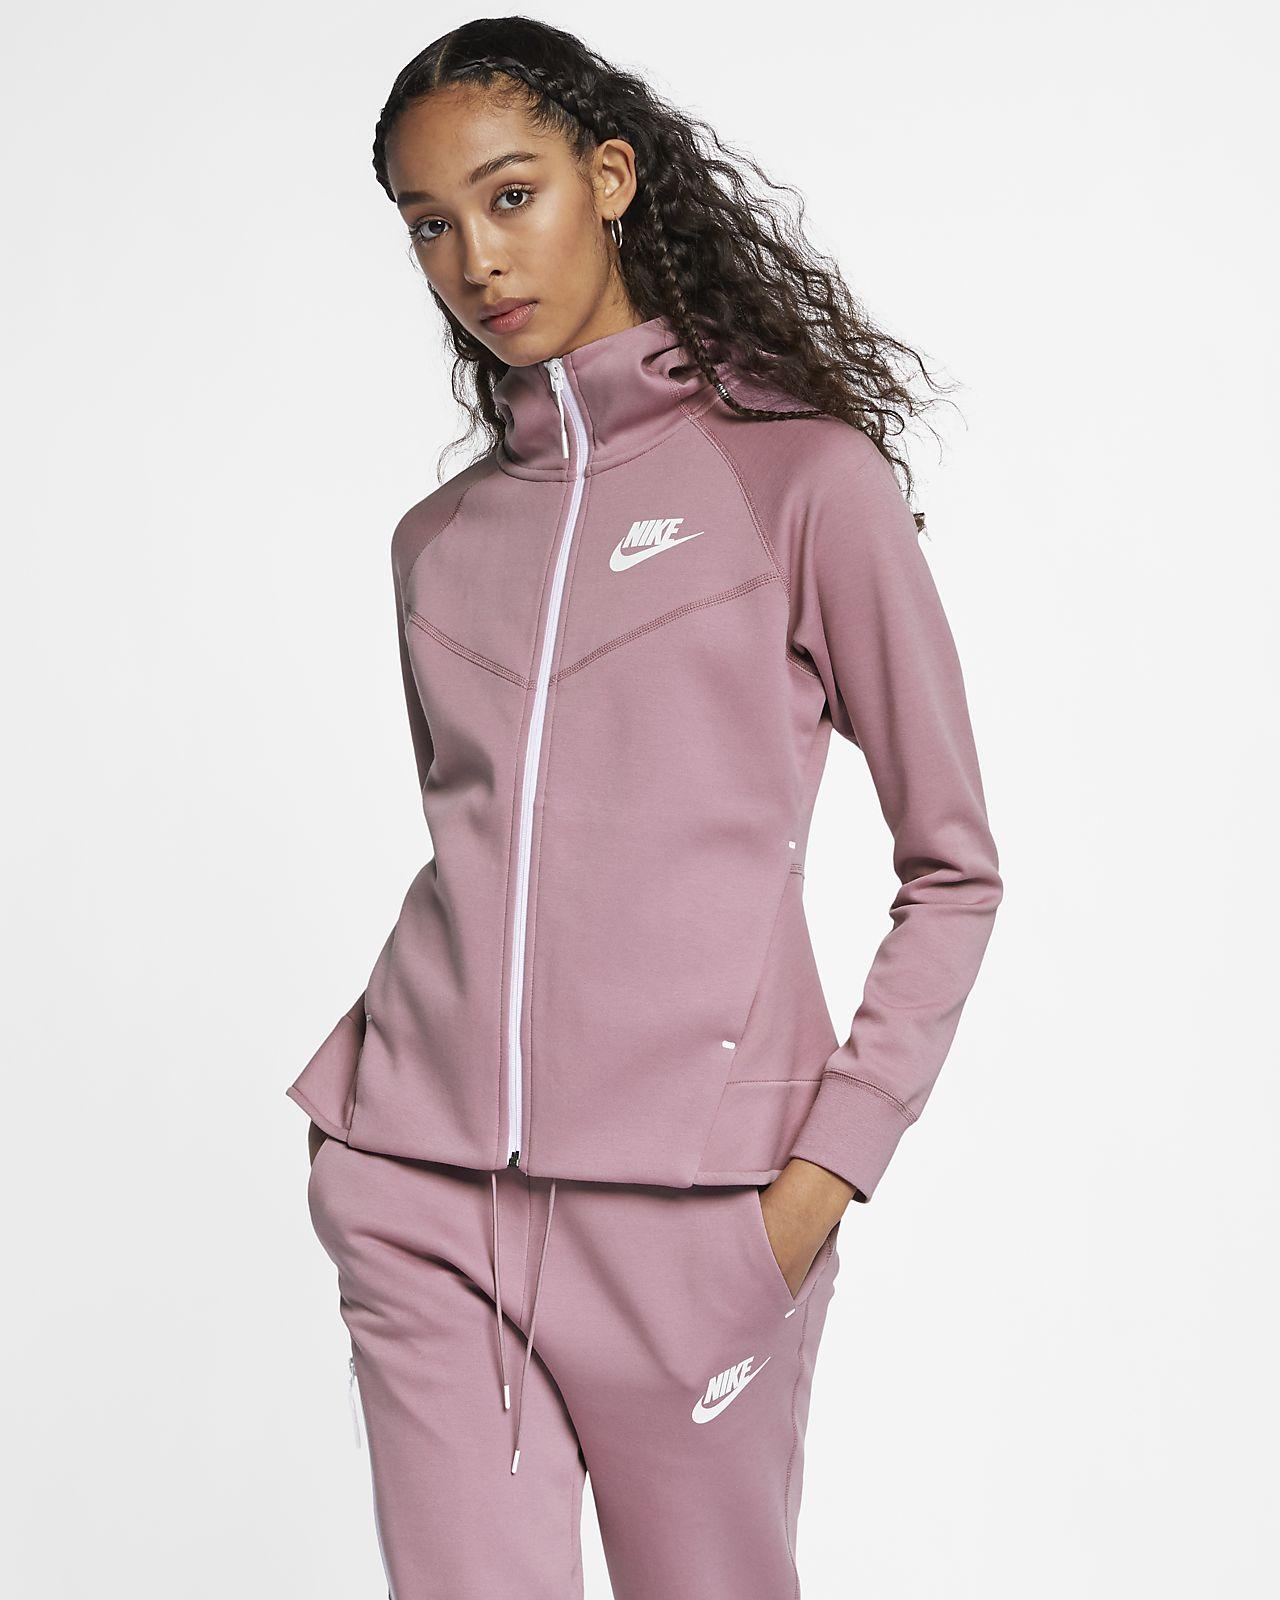 6b710ac4 Nike Sportswear Tech Fleece Windrunner Women's Full-Zip Hoodie. Nike.com